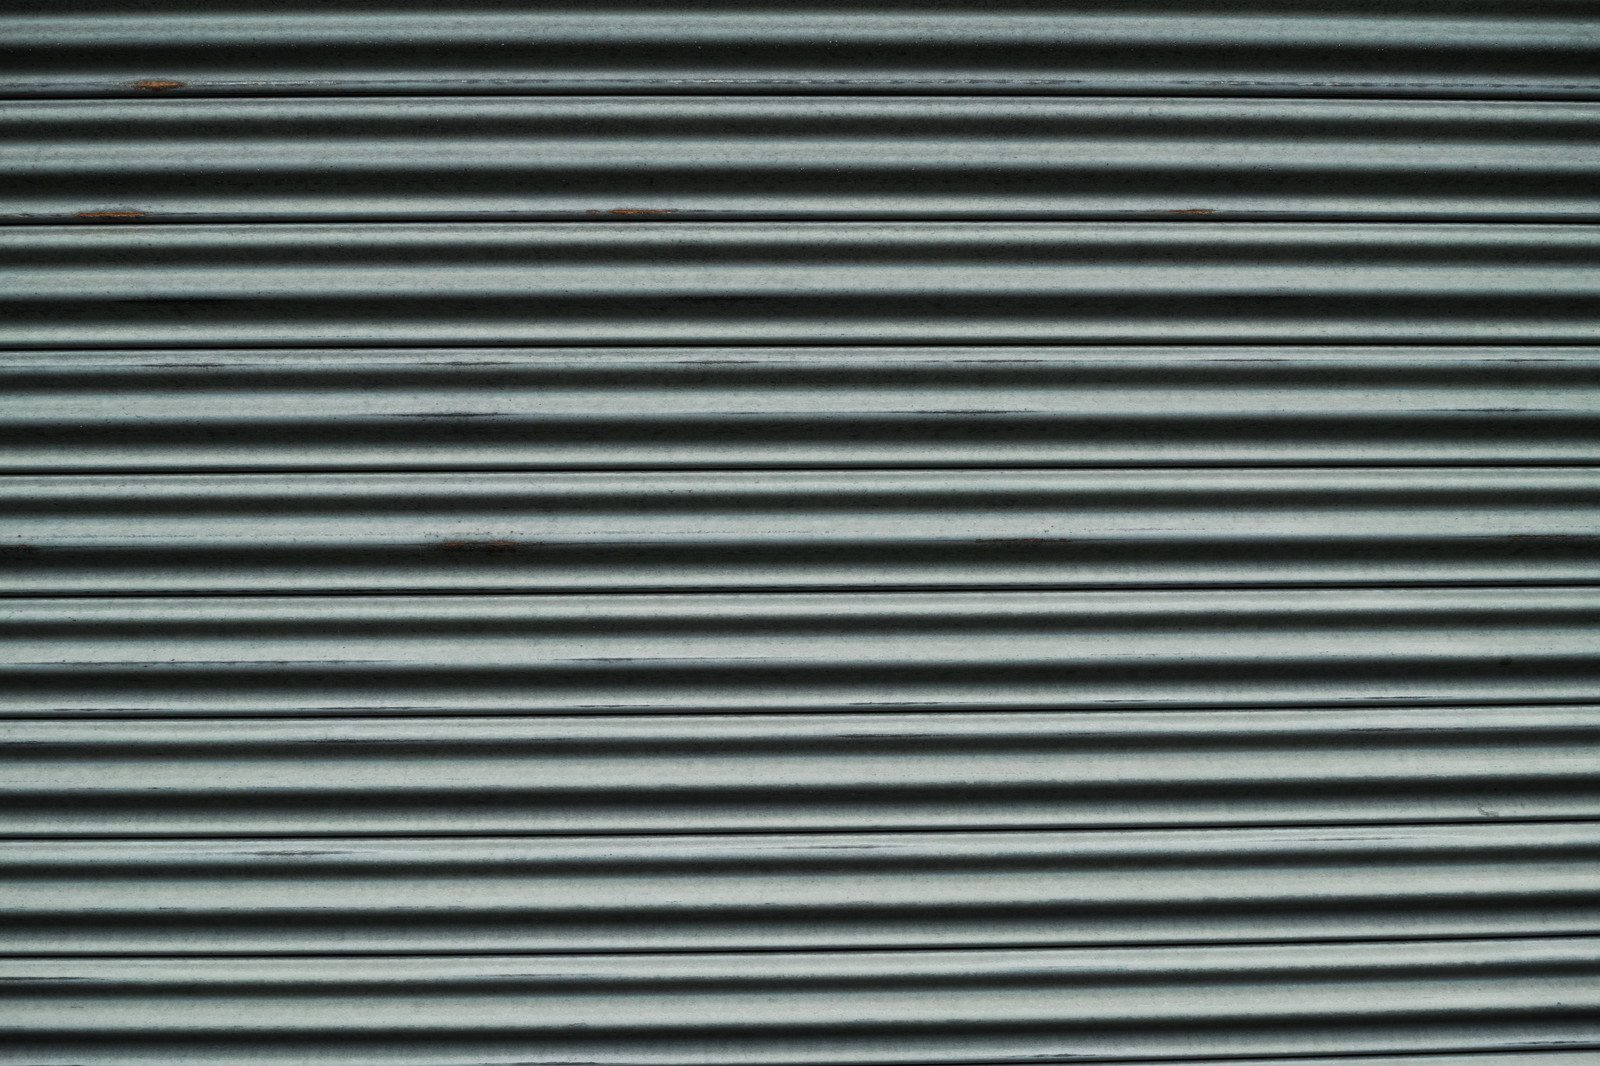 「擦れた部分に錆が浮き始める波板(テクスチャ)」の写真